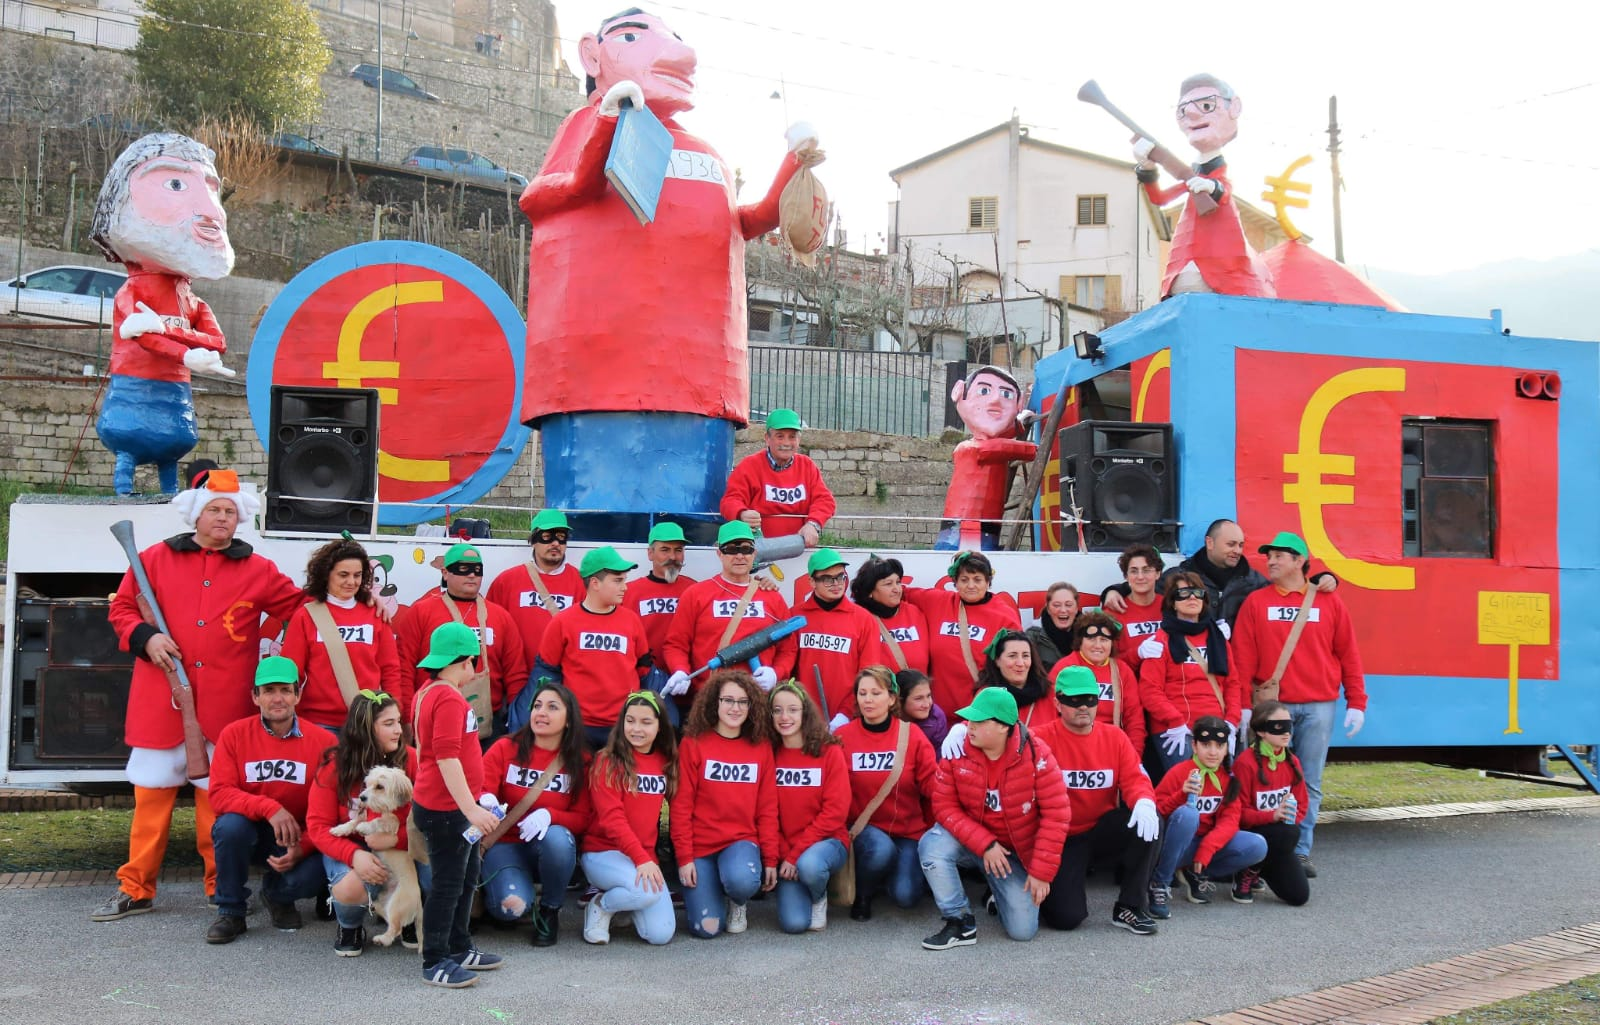 Carnevale di Pratella 2019 - Foto di alcuni ragazzi della Pro Loco